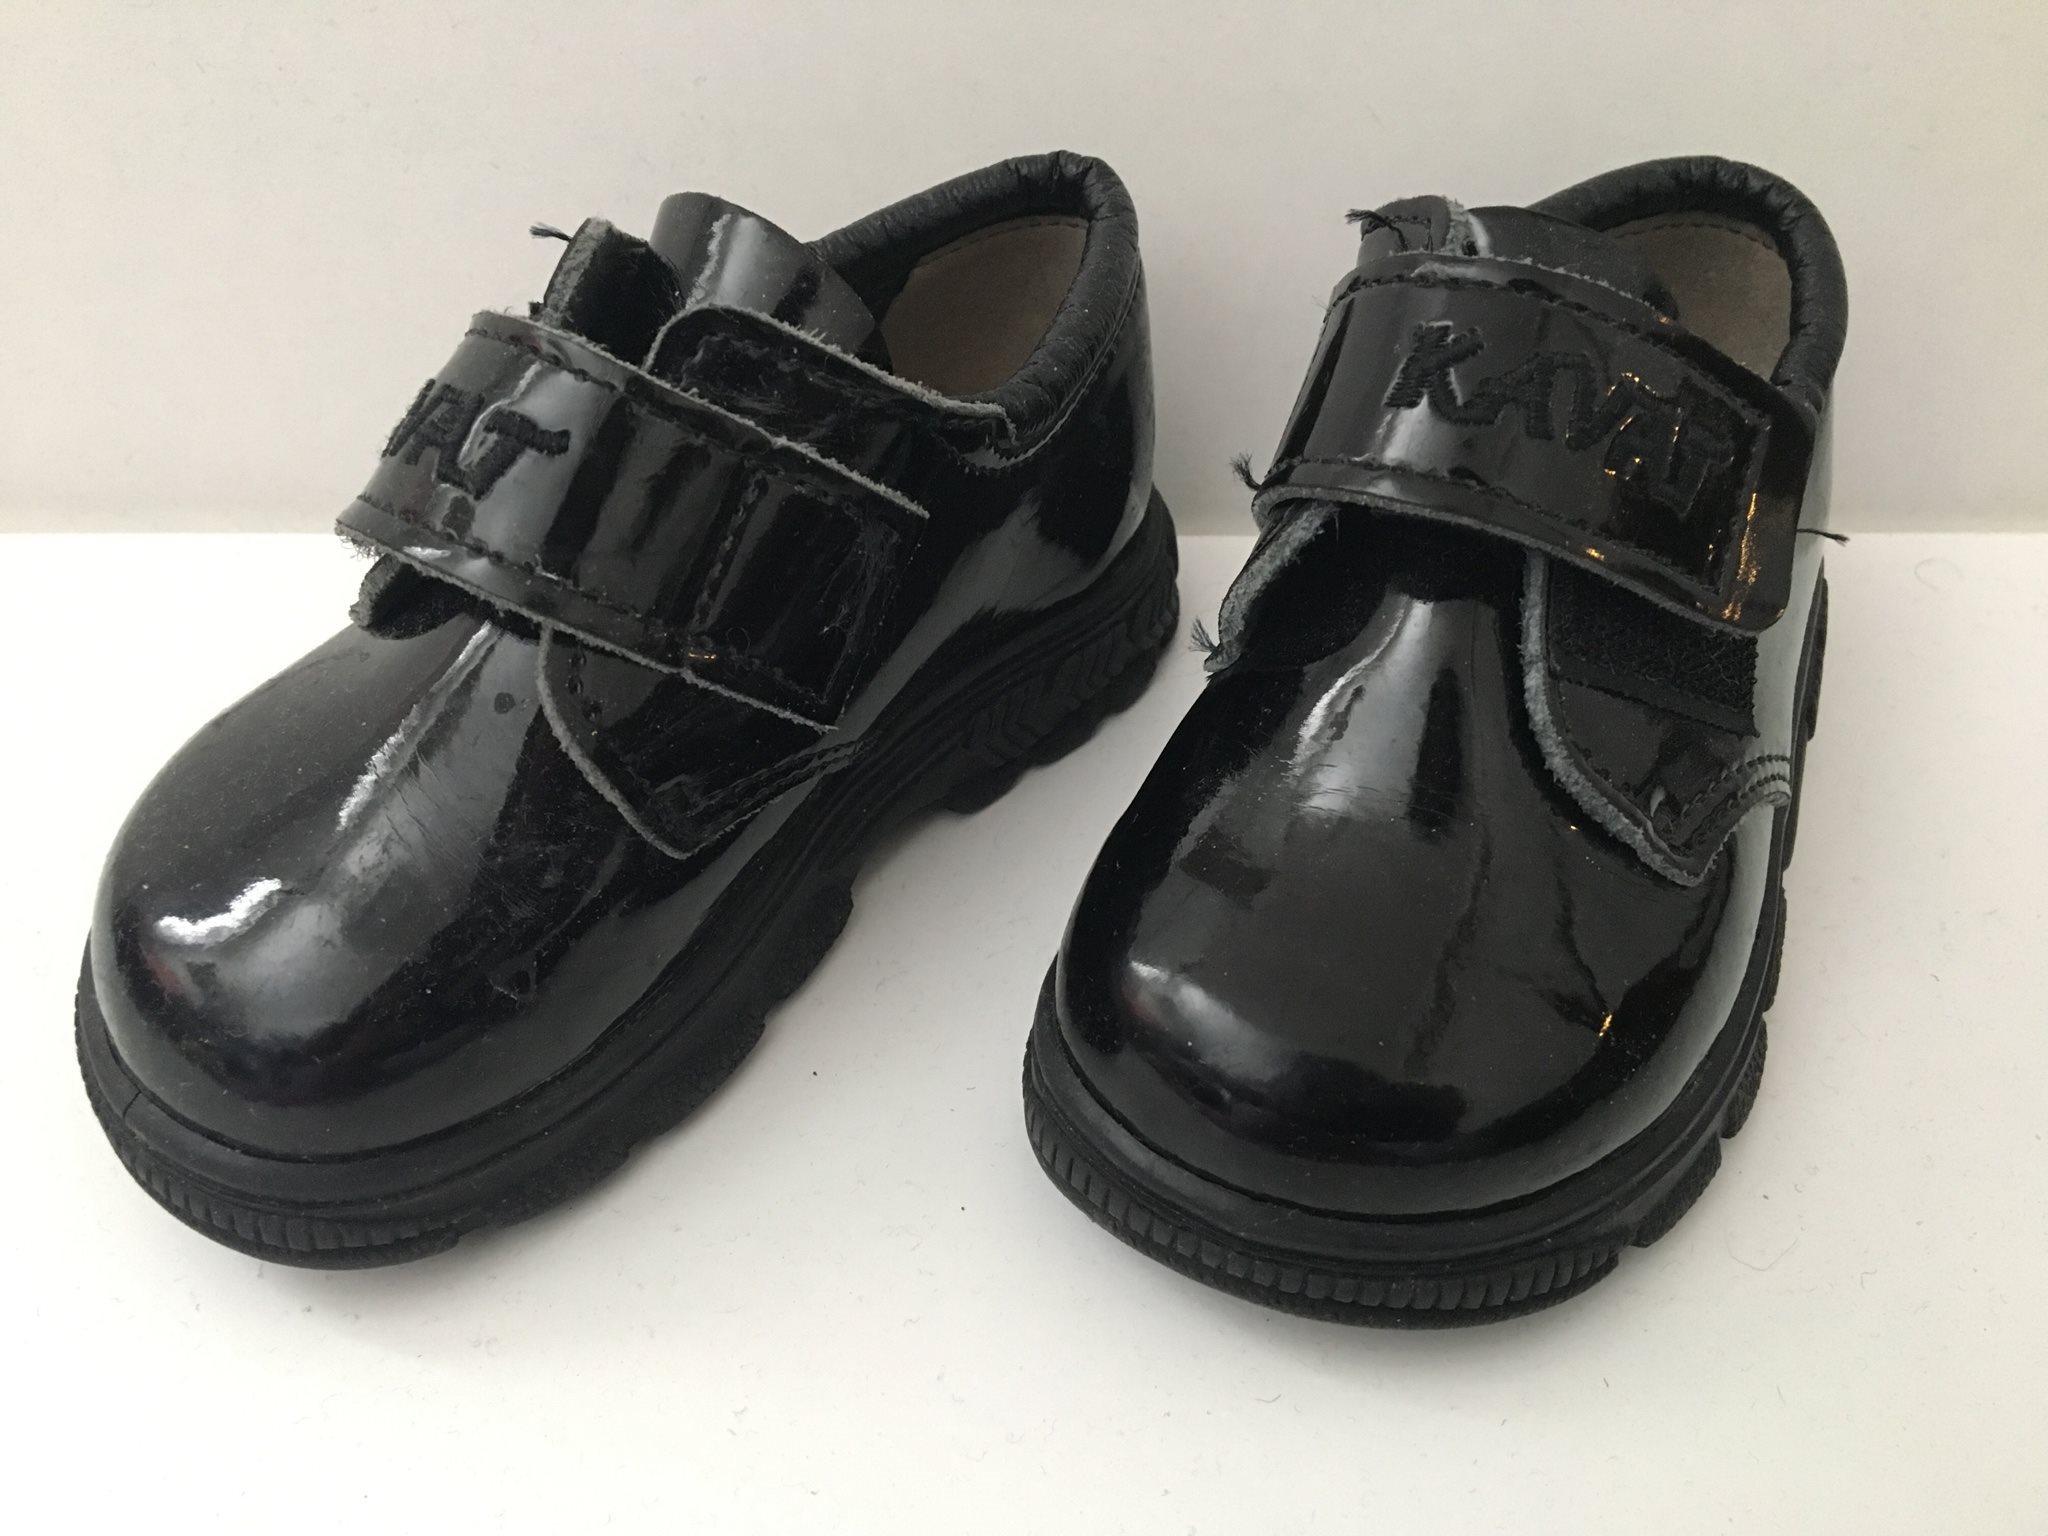 84c978d44be Snygga skor ( lackskor ) från kavat, storlek 22 (340150165) ᐈ Köp ...